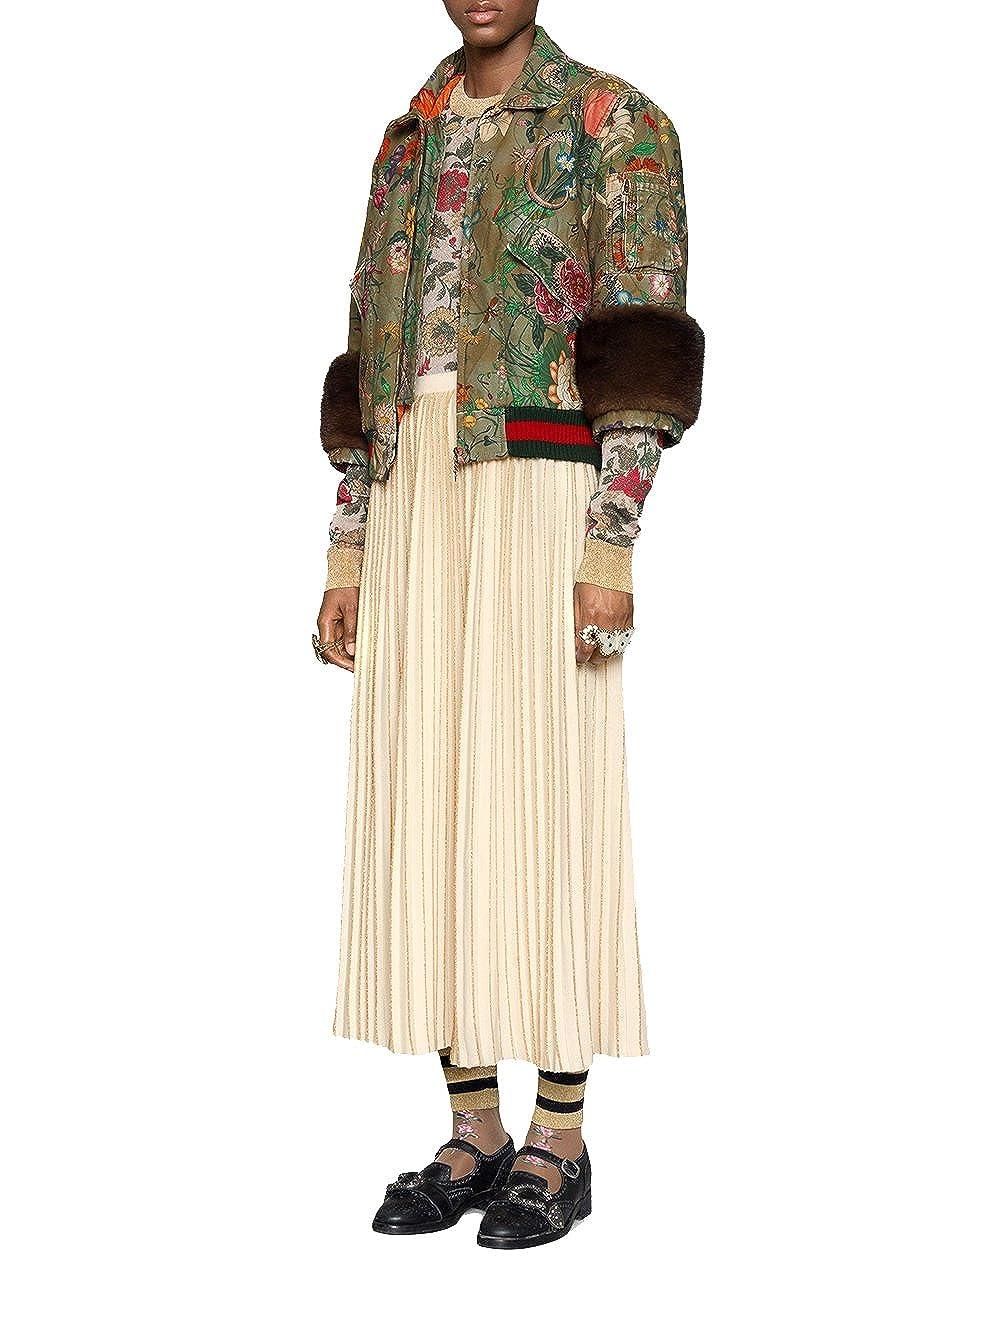 Gucci - Chaqueta - para Mujer Verde 40: Amazon.es: Ropa y ...